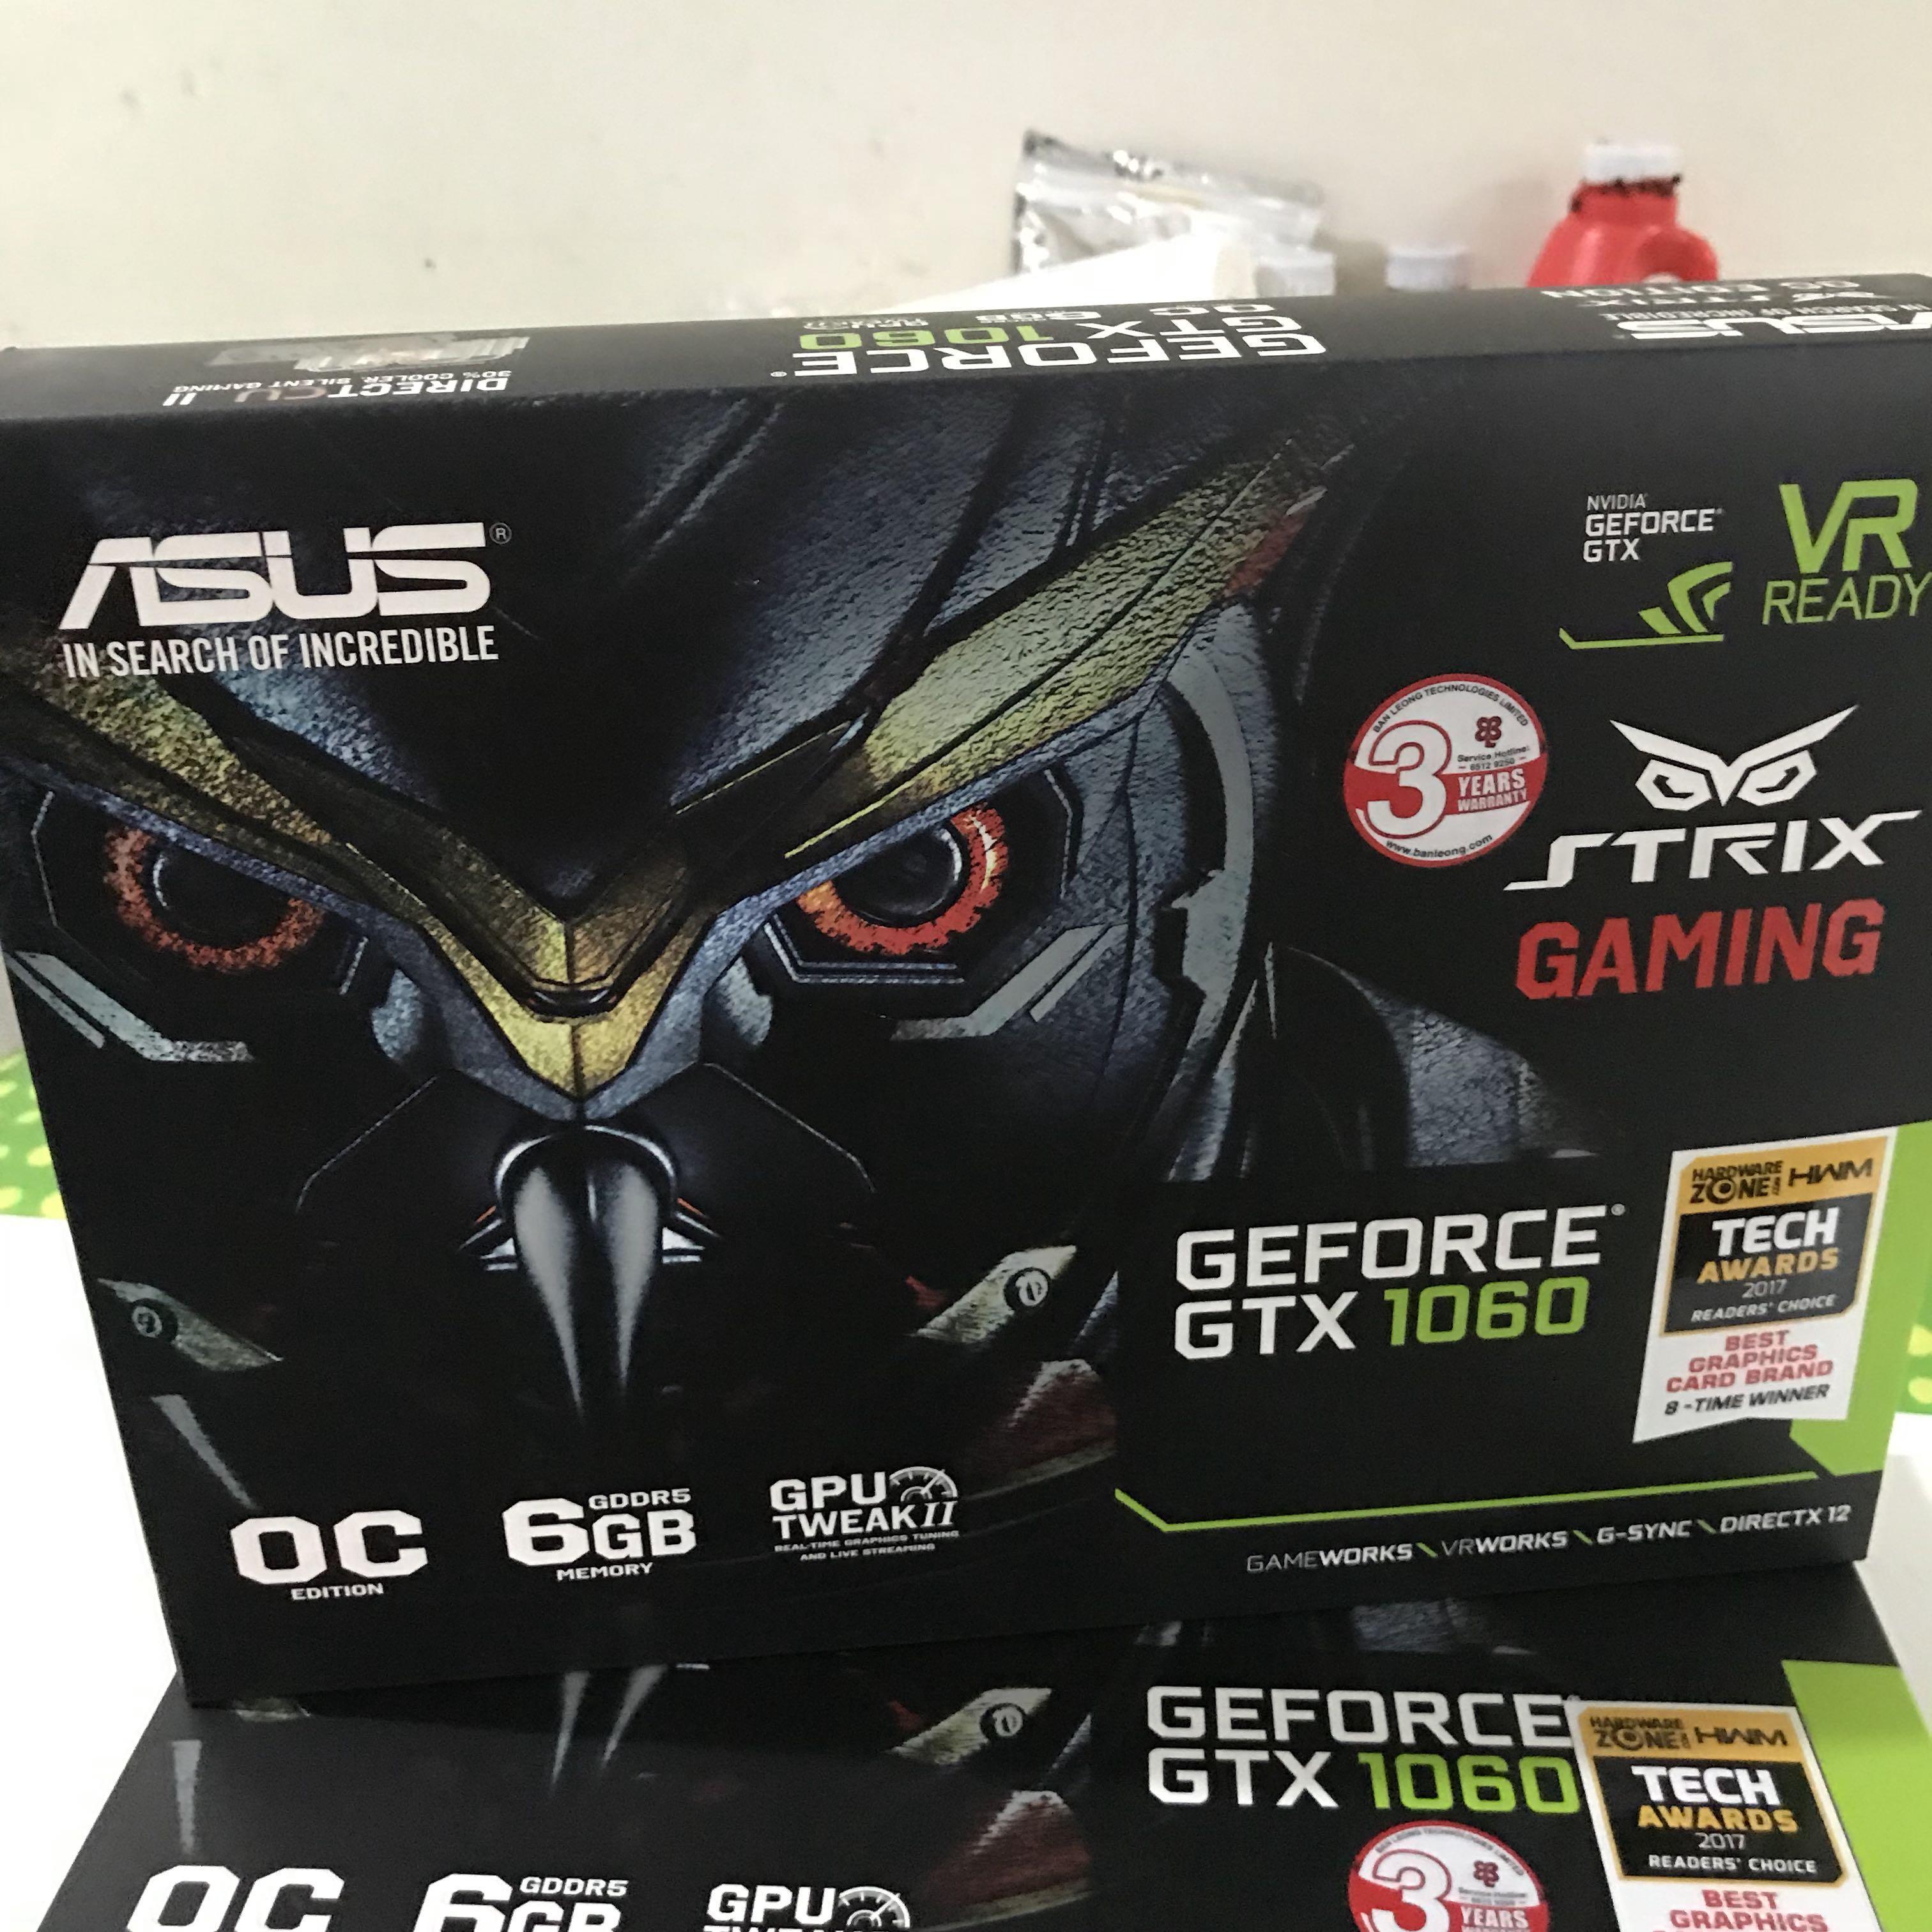 Asus Strix GTX 1060 6gb, Electronics, Computer Parts